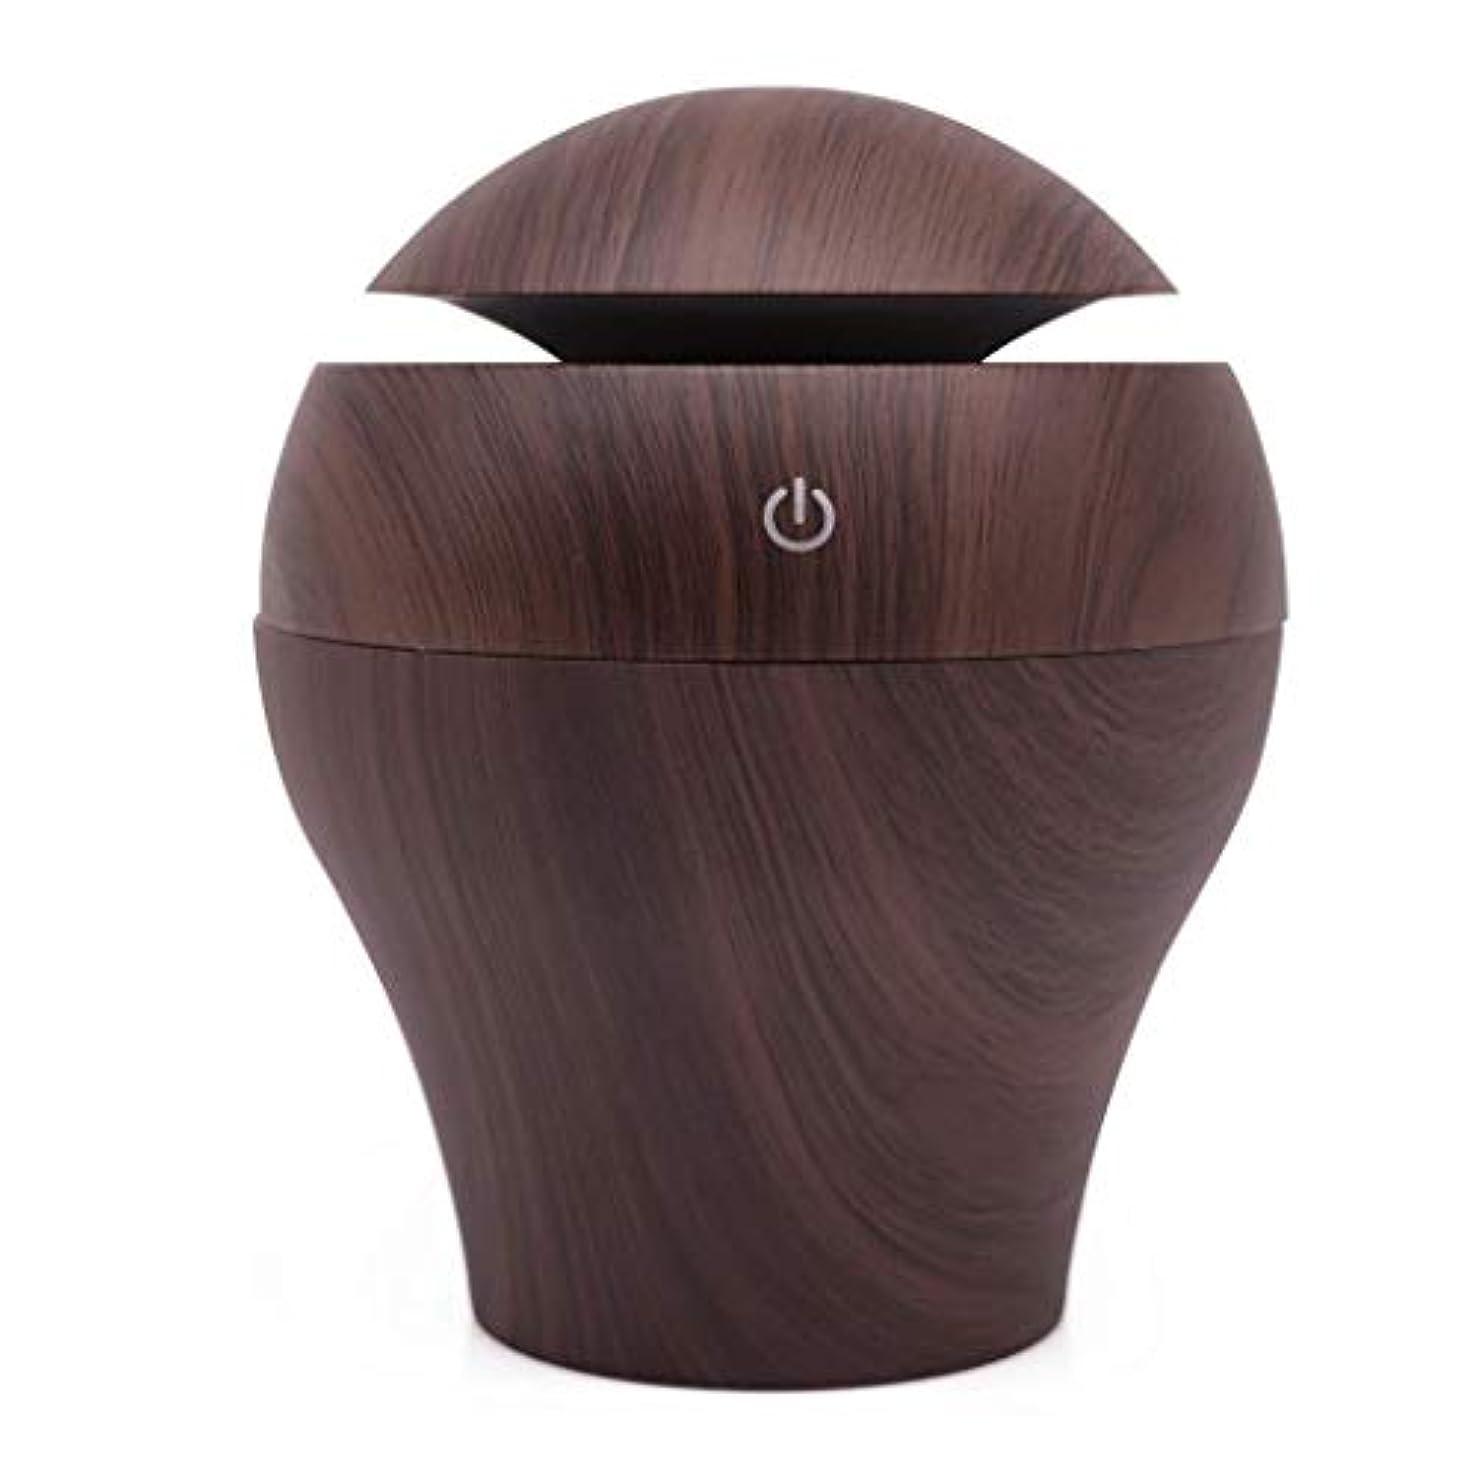 タール明快センターアロマディフューザー250ミリリットルエッセンシャルオイルディフューザー電動超音波加湿器アロマ空気清浄機ウォーターレスオートオフ空気清浄機 (Color : Dark Wood Grain)